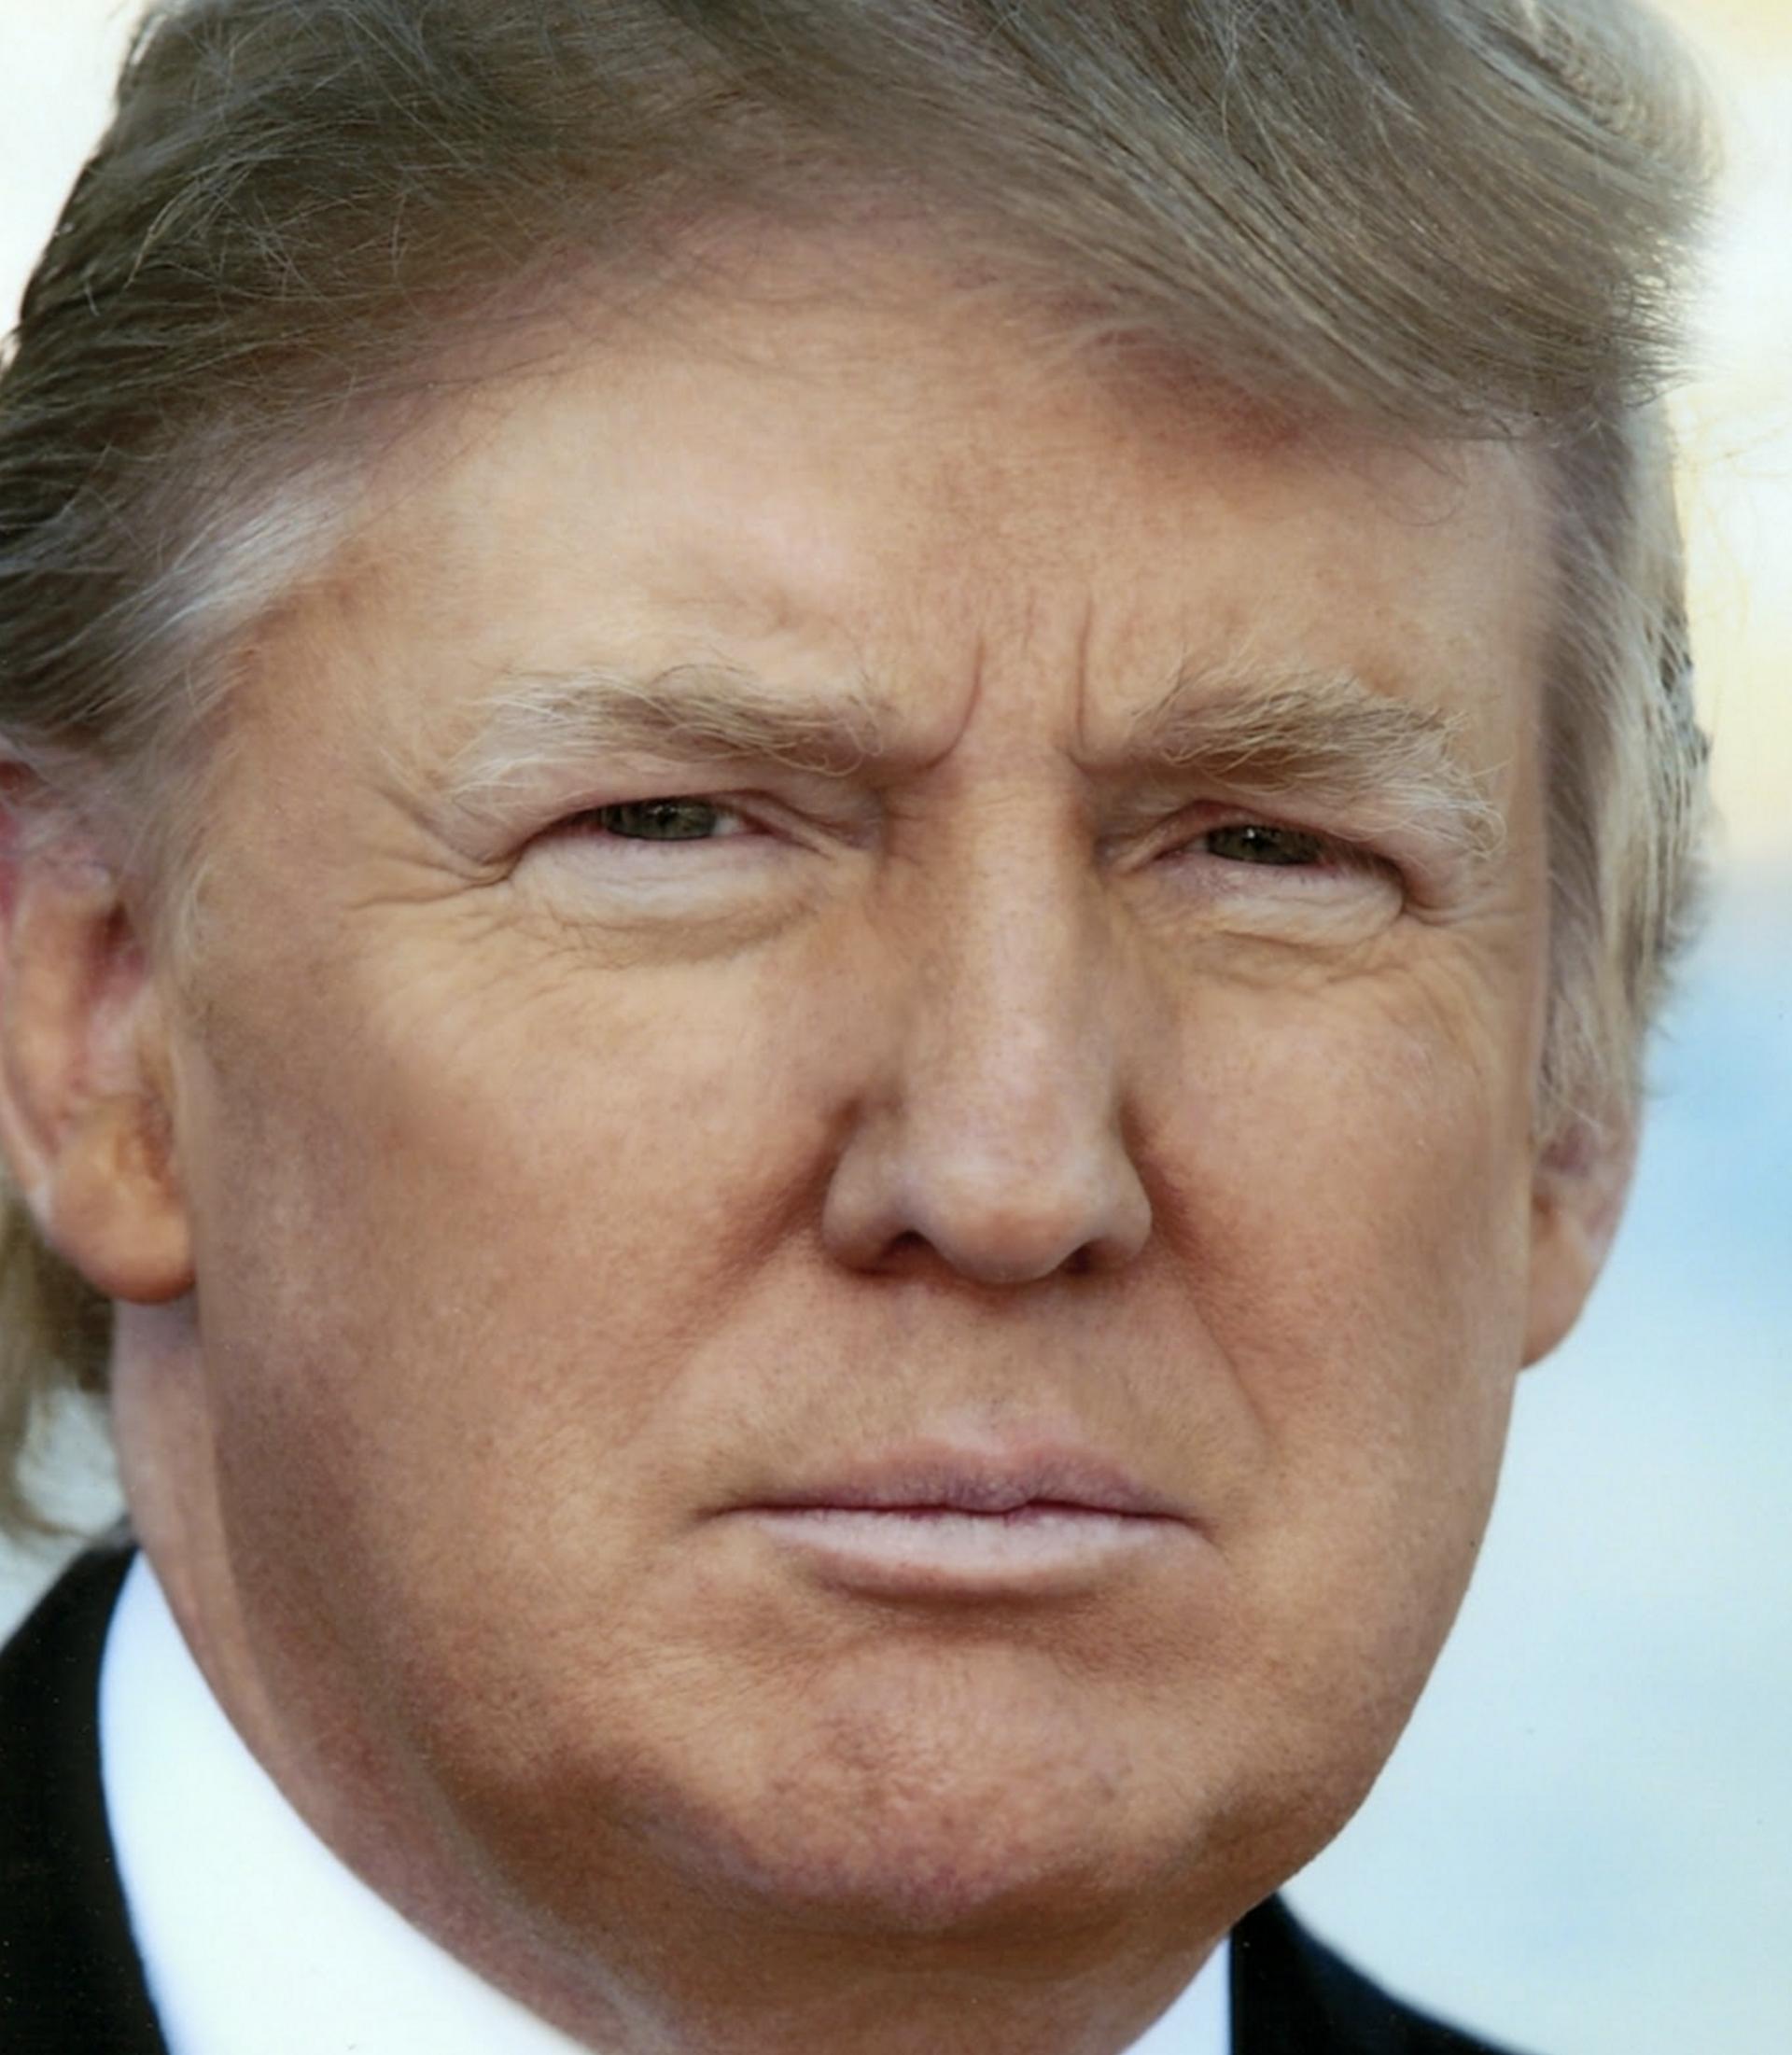 Har velgernes valg av Trump skremt vettet inn i igjen meningseliten?